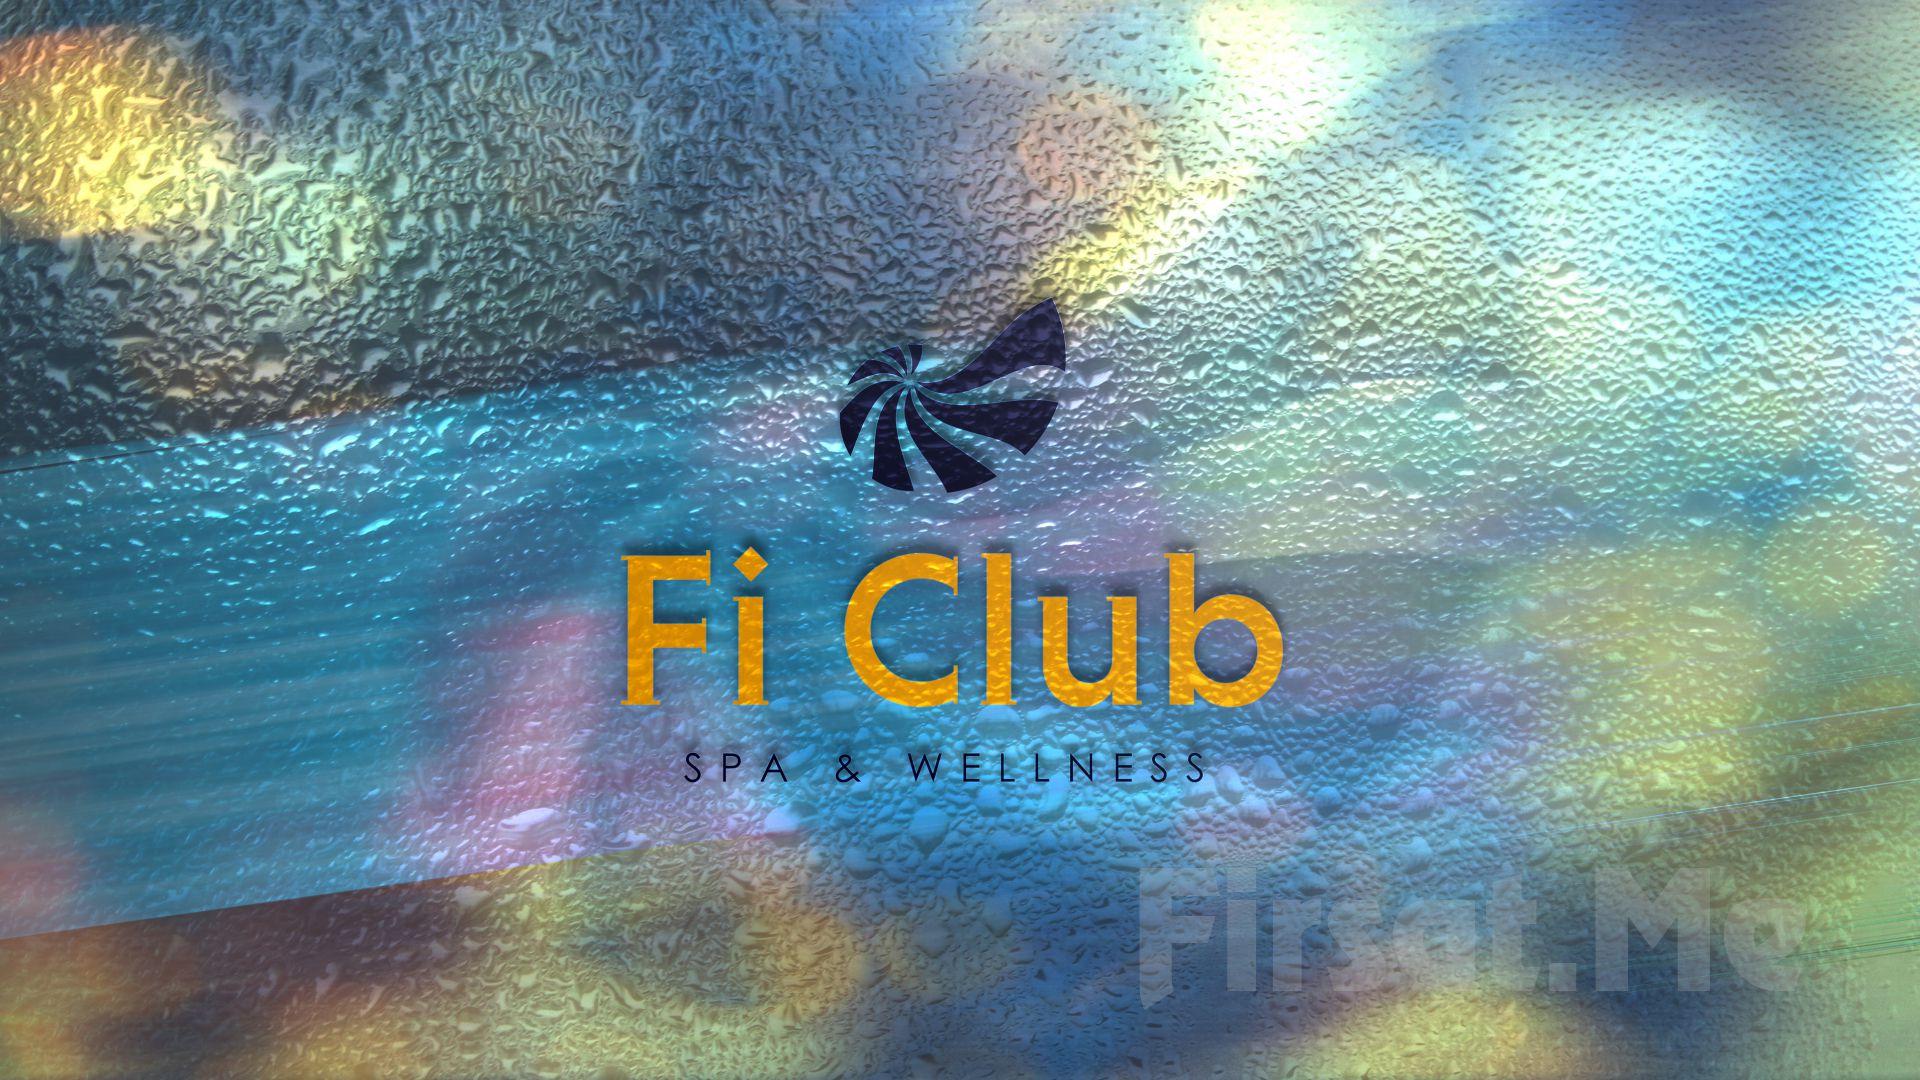 Fi Club Spa & Wellness Taksim